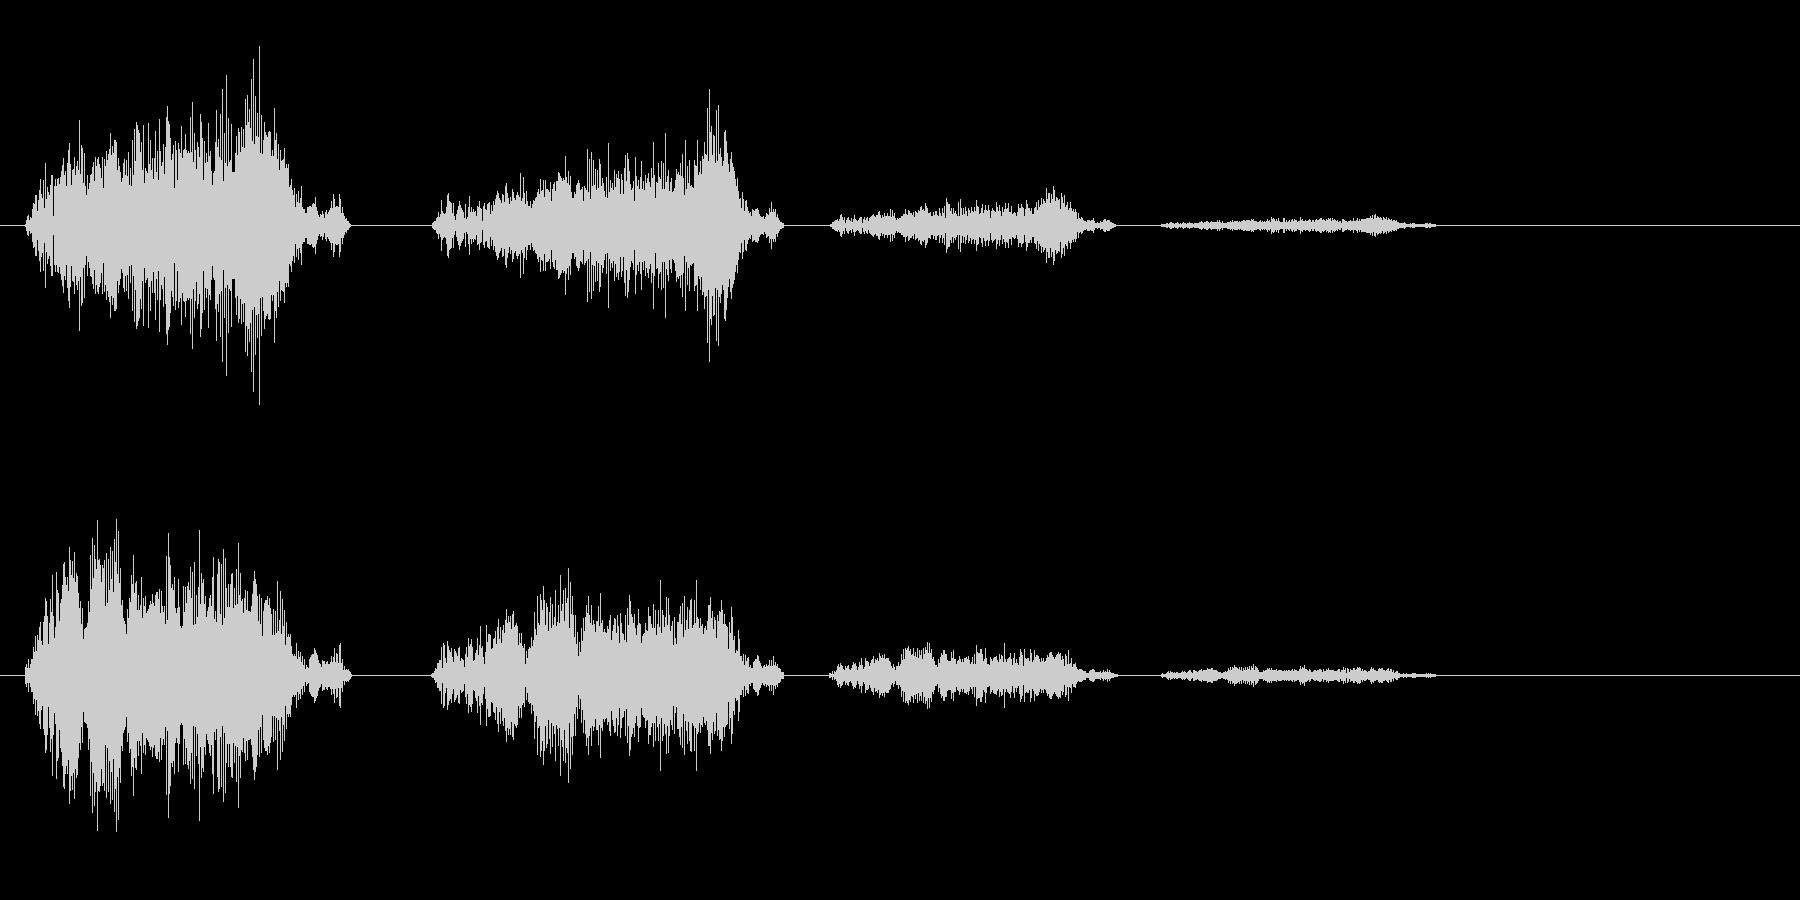 チュ〜チェ↑チェチェの音の未再生の波形